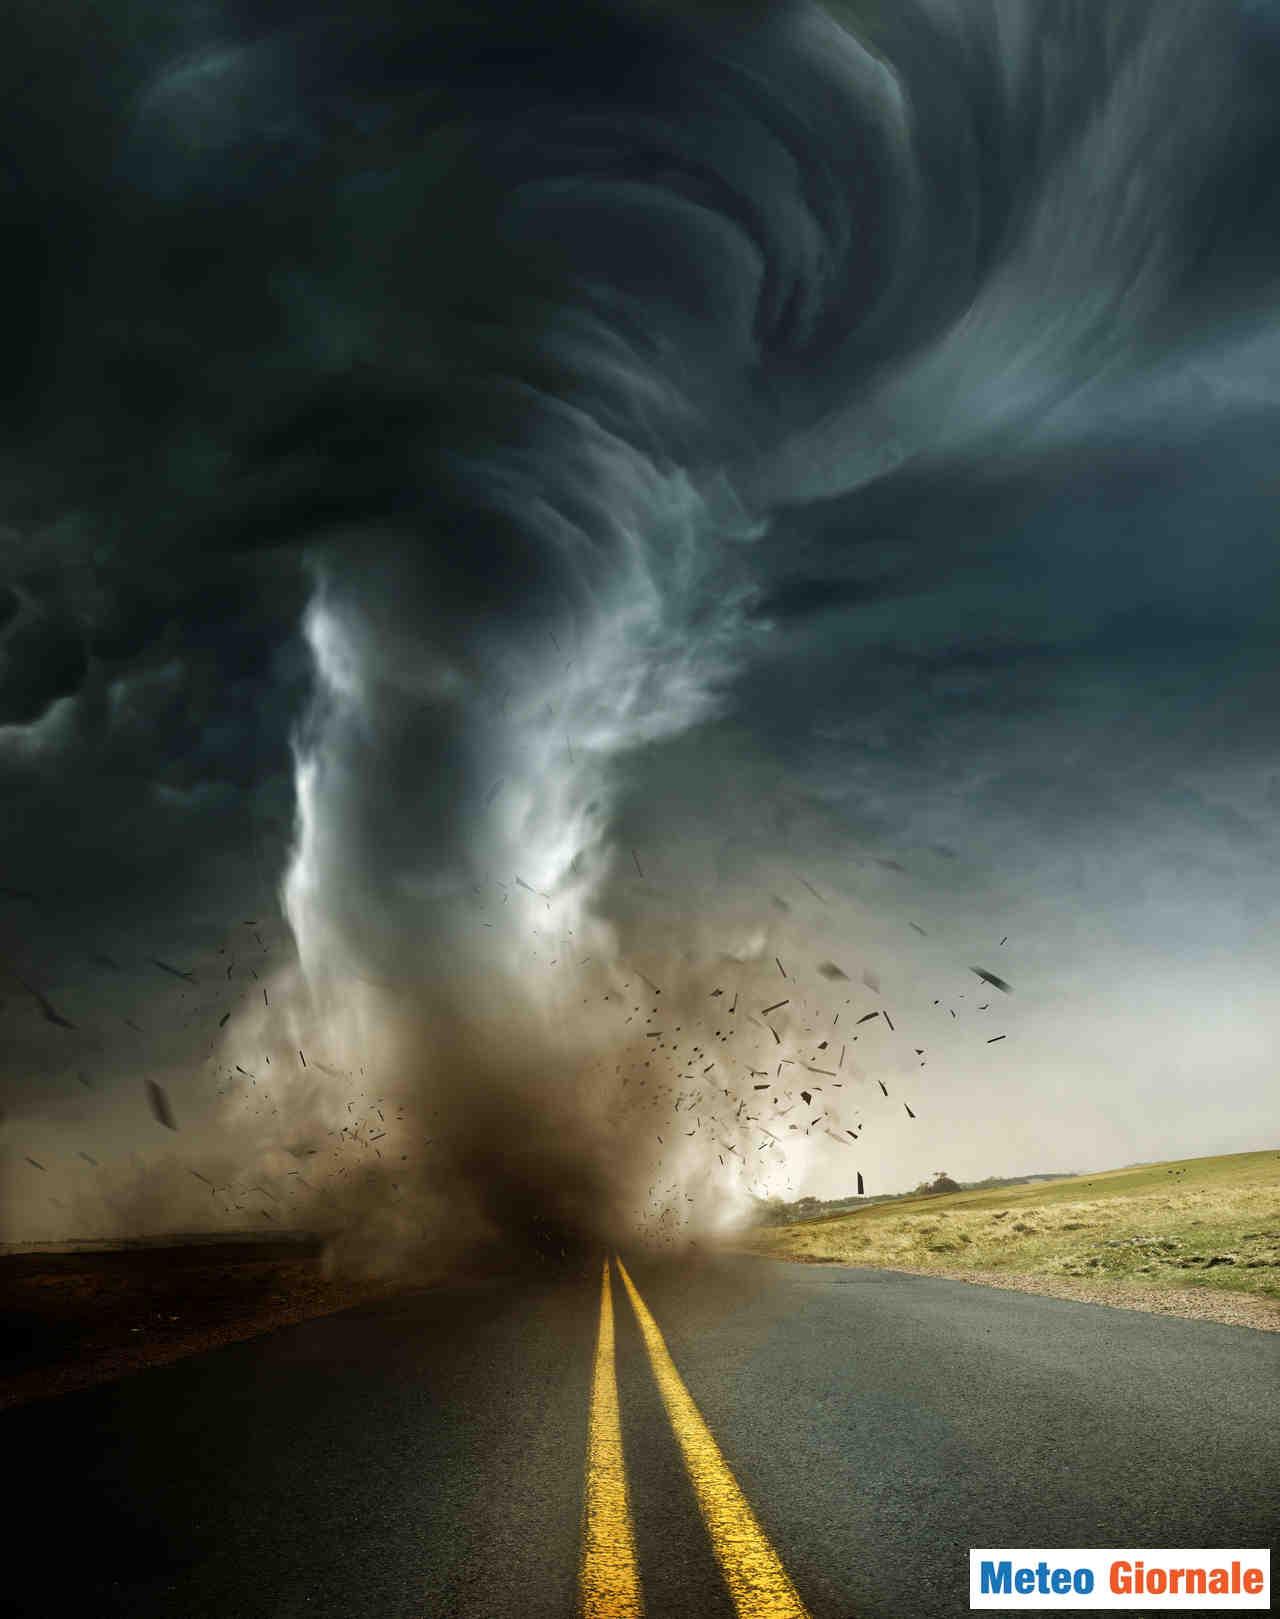 meteo giornale 00098 - Dentro il tornado dell'Alabama, immagini drammatiche dall'interno dell'auto